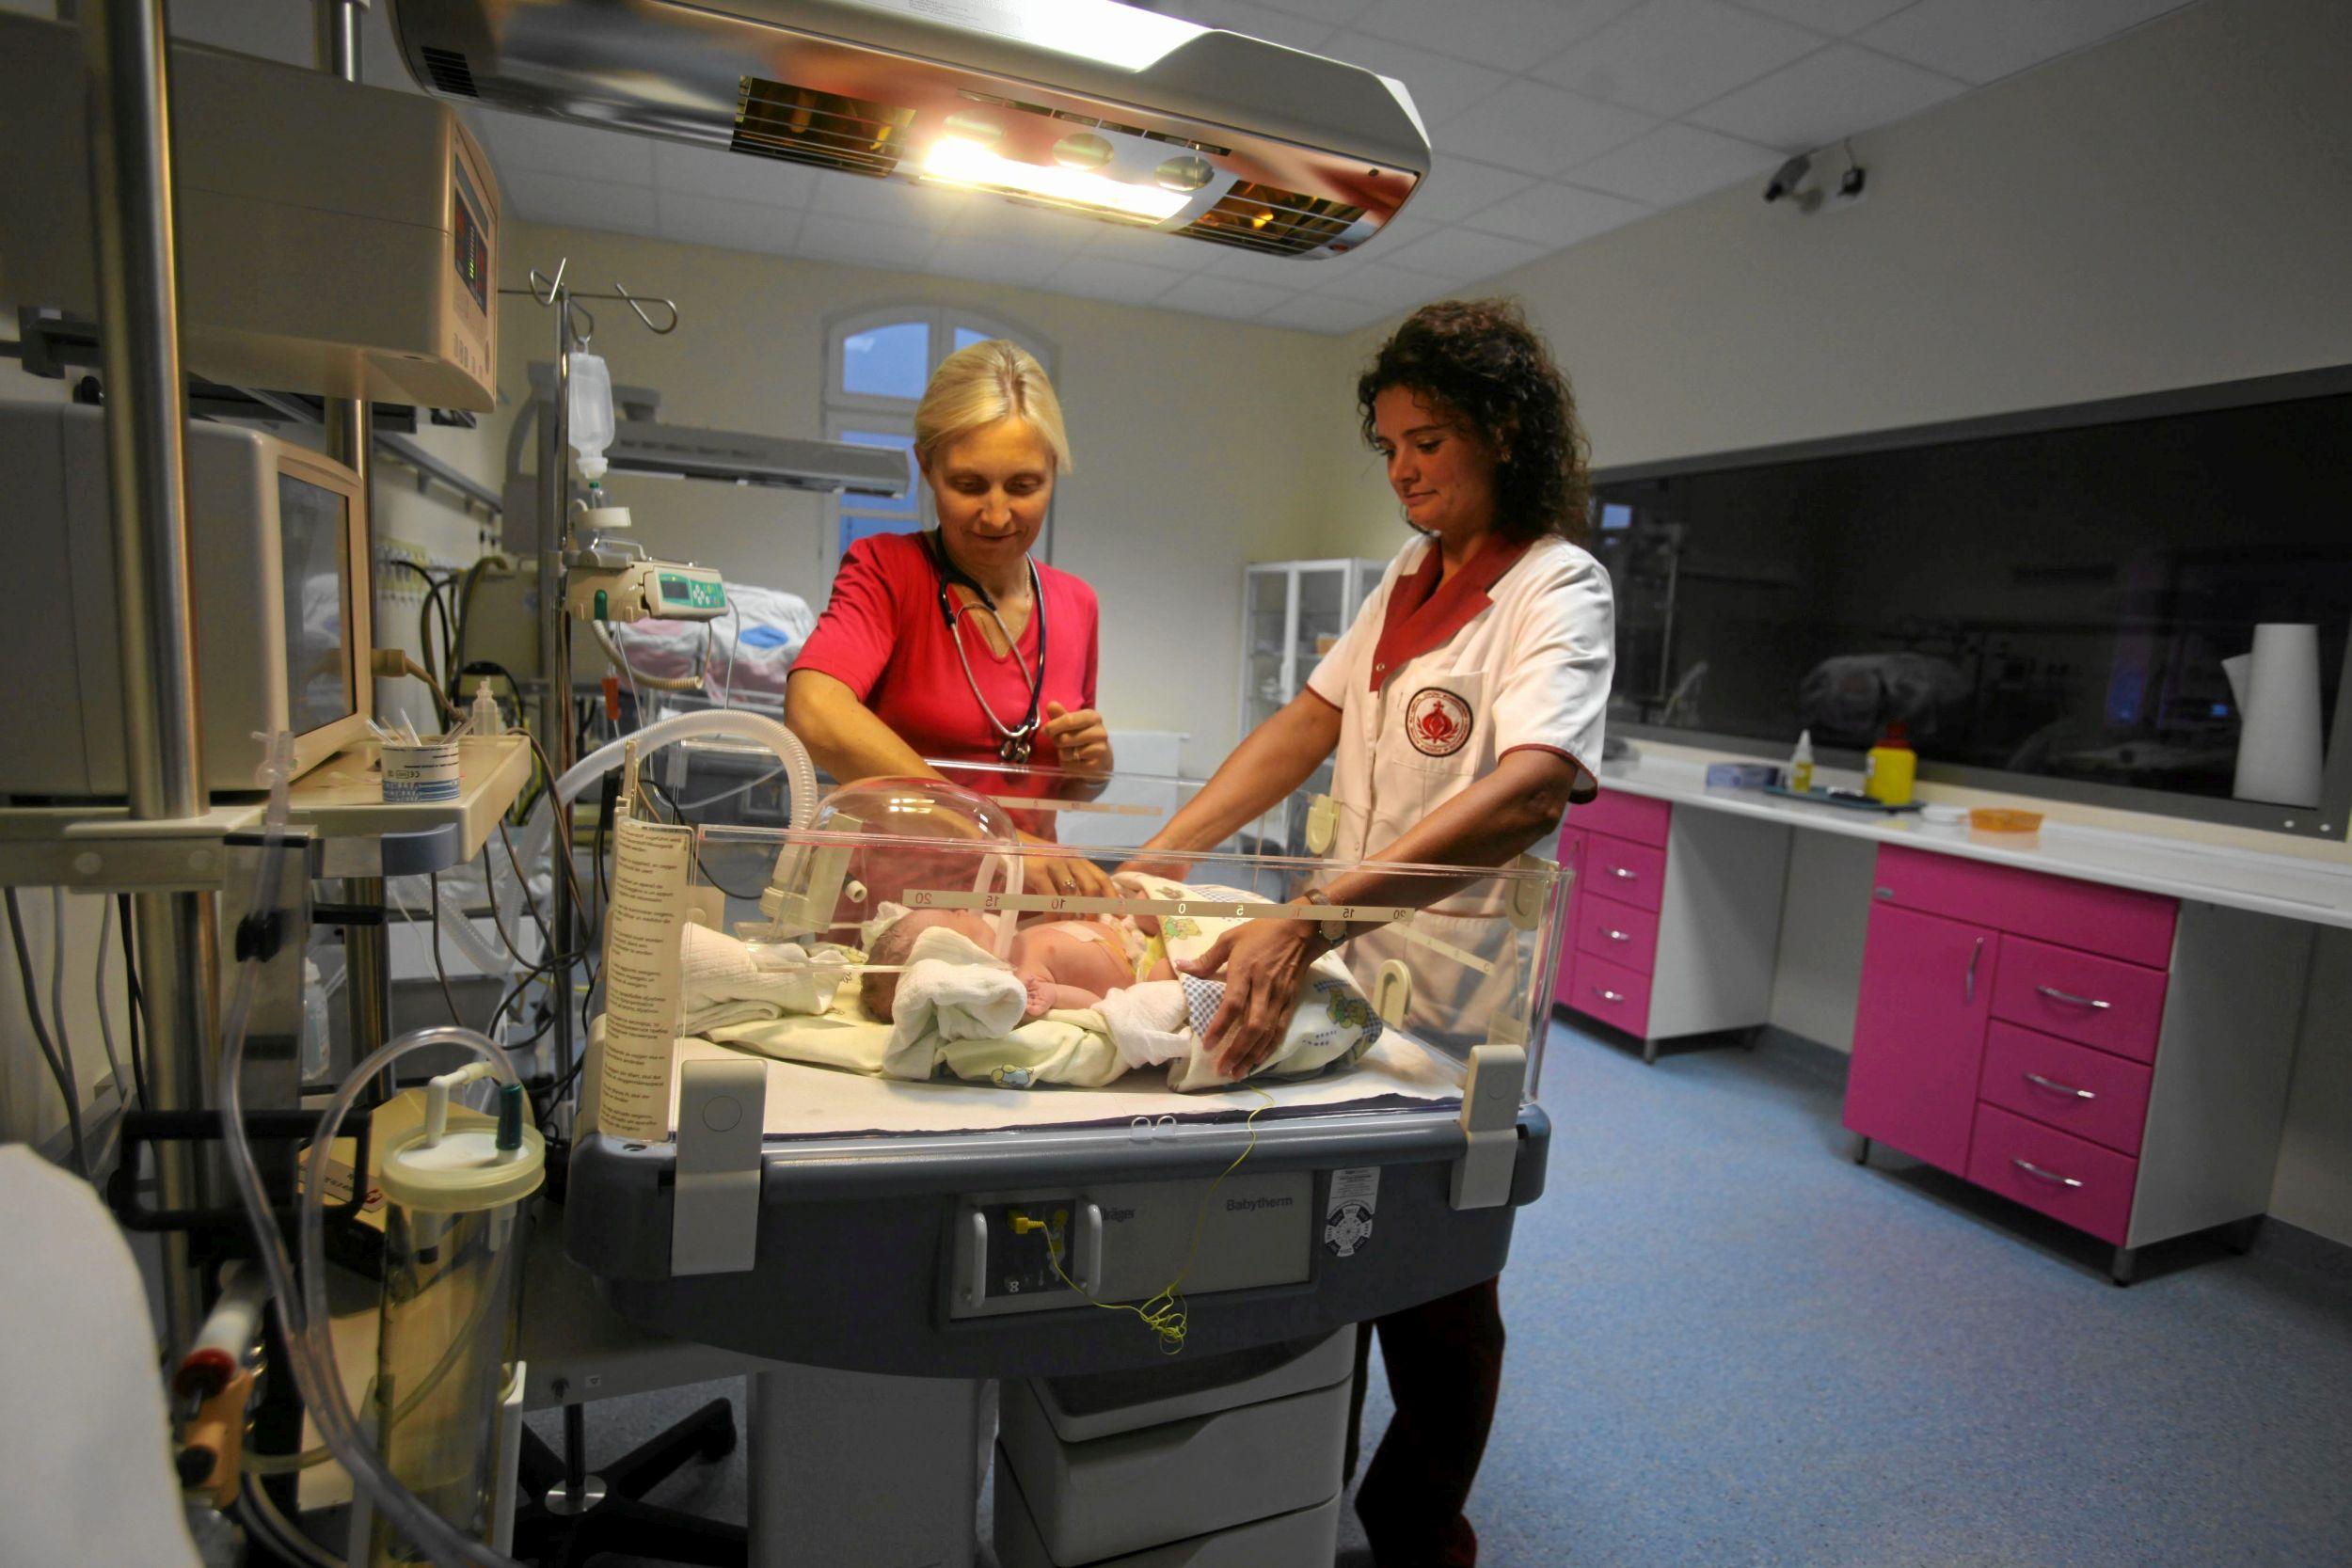 Dzieci urodzone metodą cesarskiego cięcia są mniej odporne, występuje u nich większe ryzyko np. chorób układu oddechowego (fot. Dawid Chalimoniuk / Agencja Gazeta)